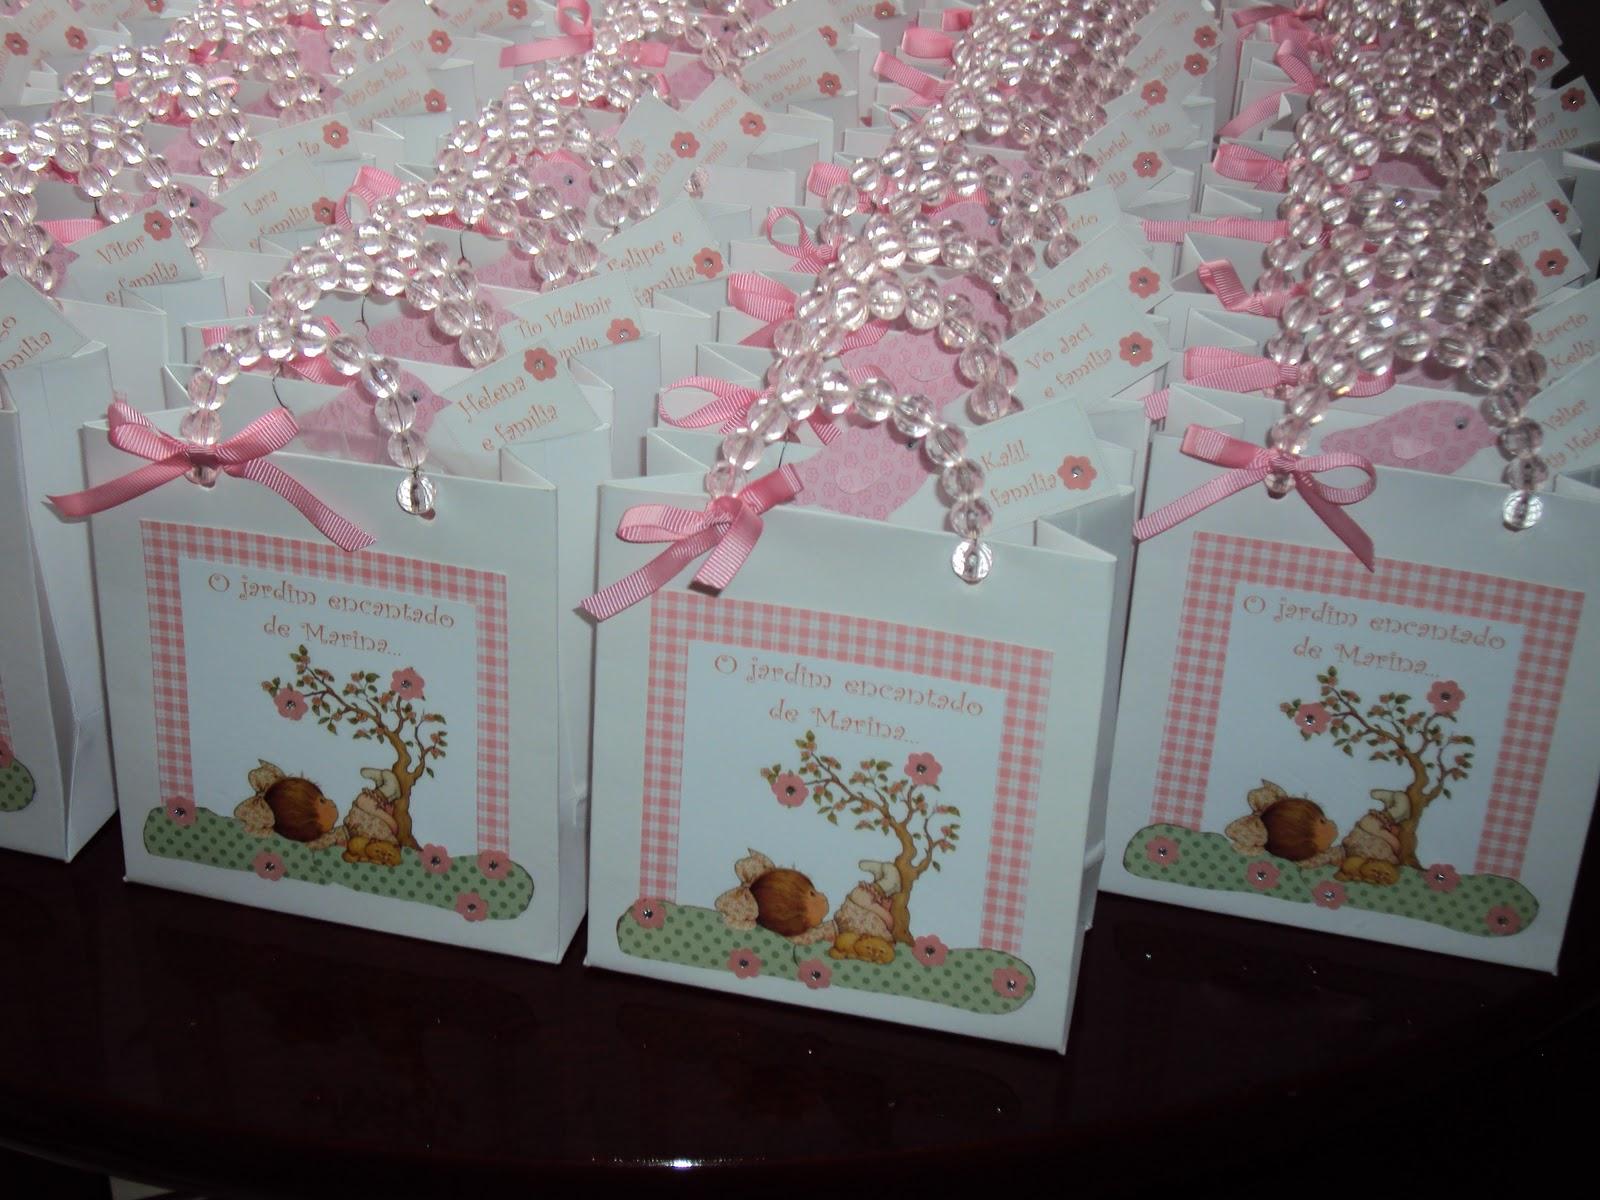 imagens de jardim encantado para convites:convite foi feito para festa de 1 aninho com o tema jardim encantado